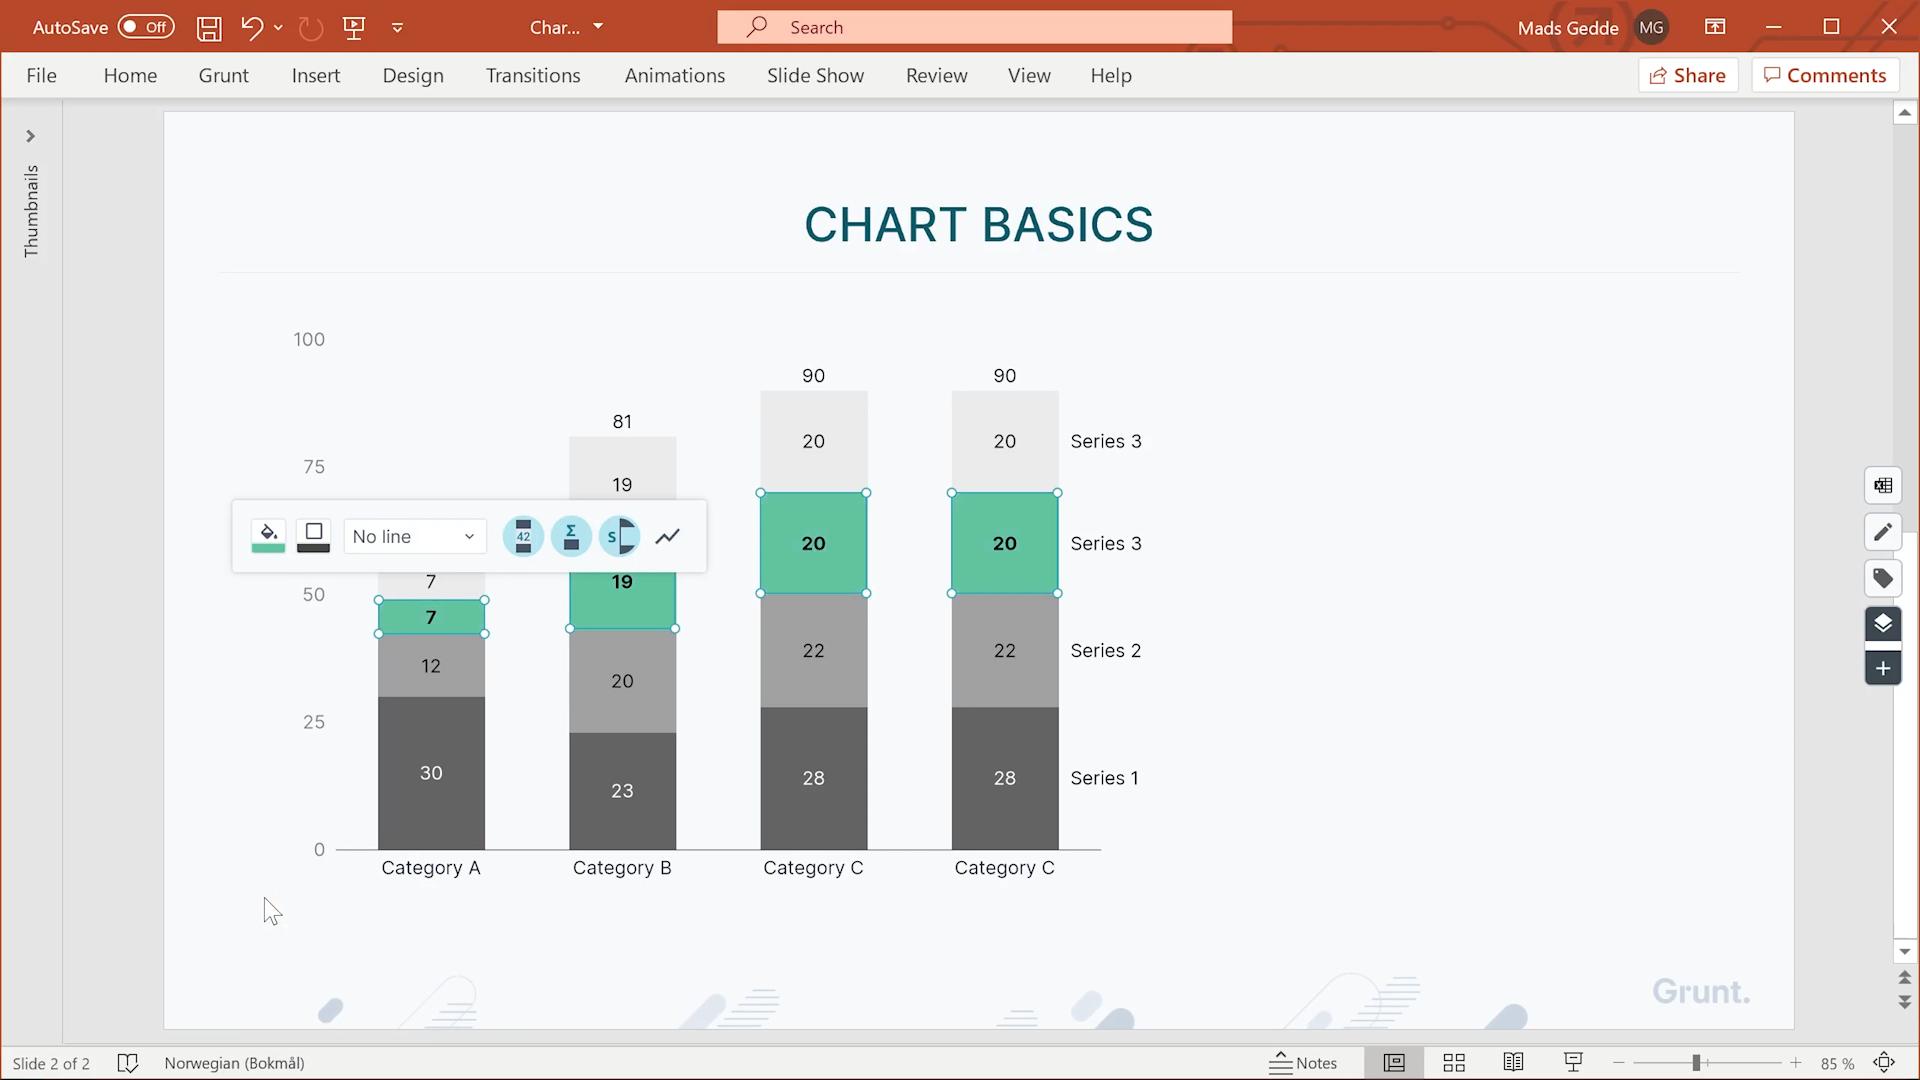 Chart basics